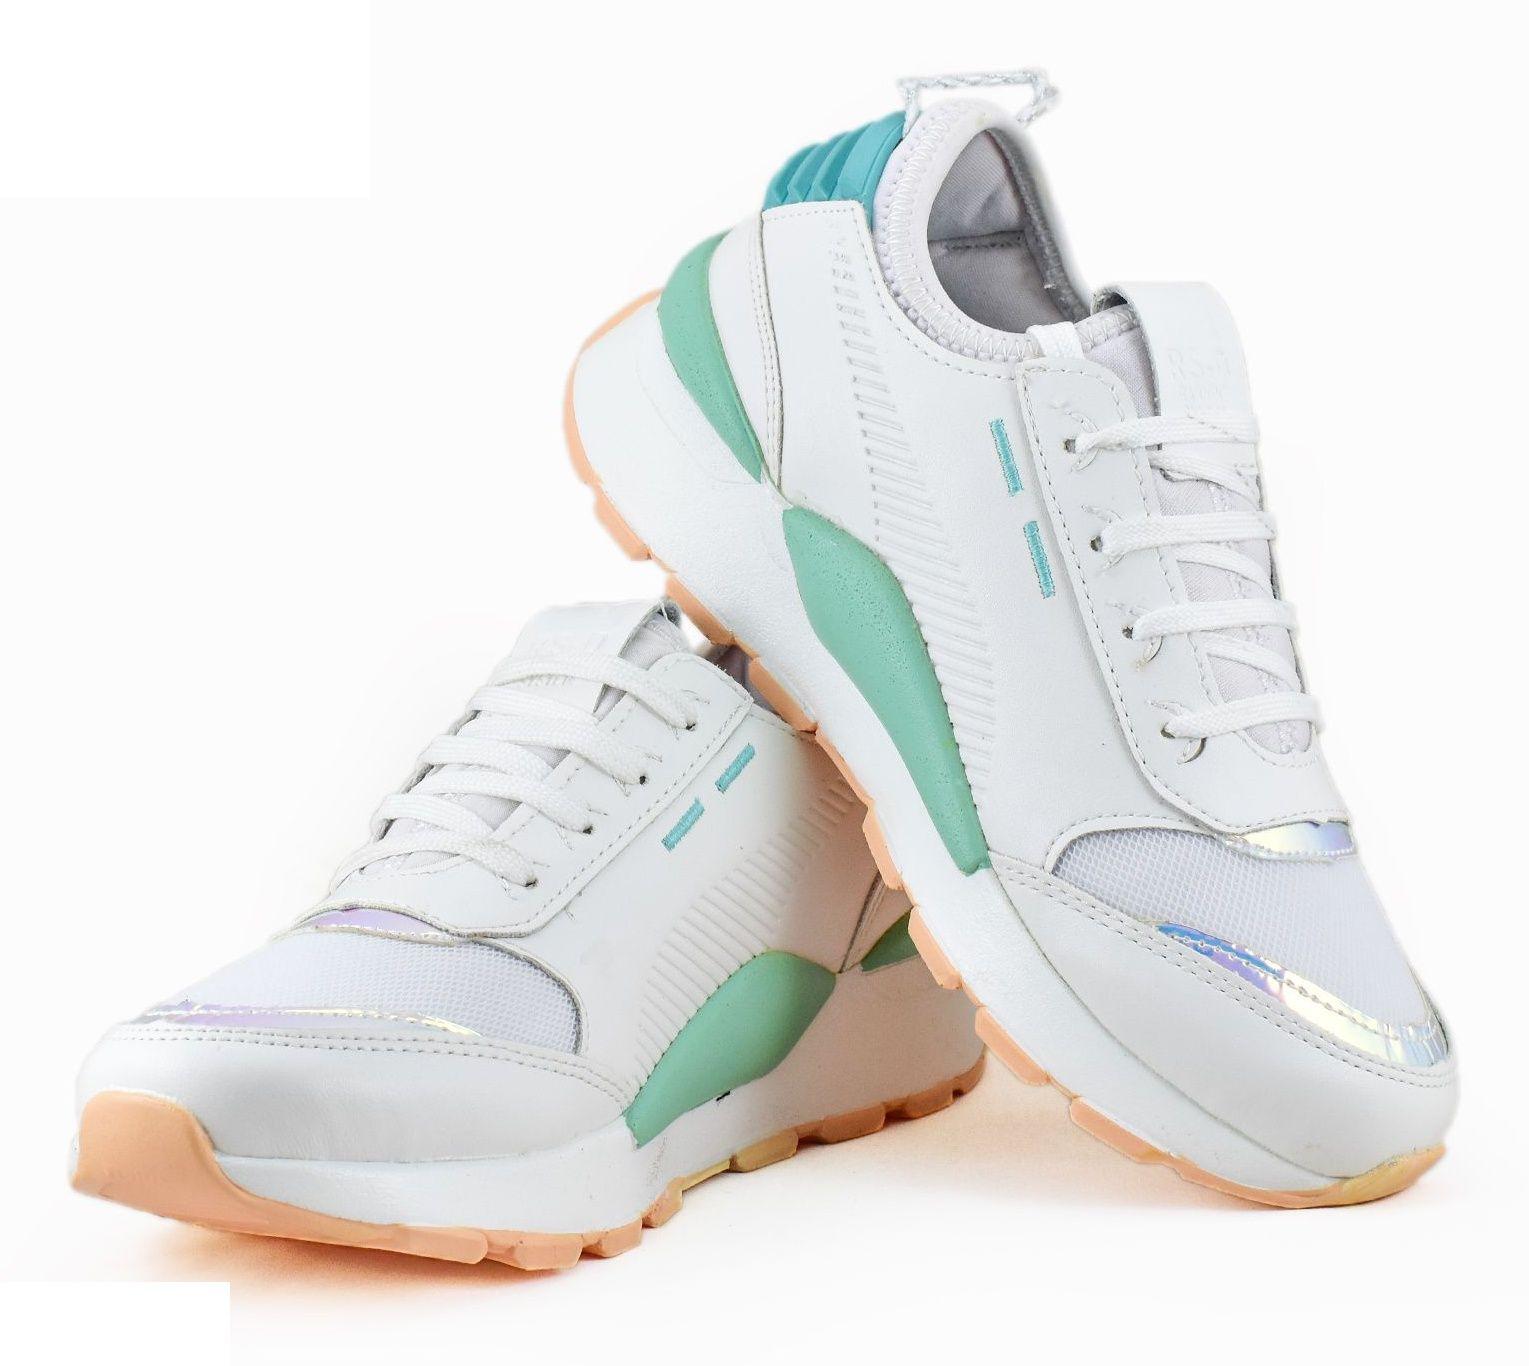 کفش مخصوص پیاده روی زنانه مدل هامون کد 4131 main 1 5